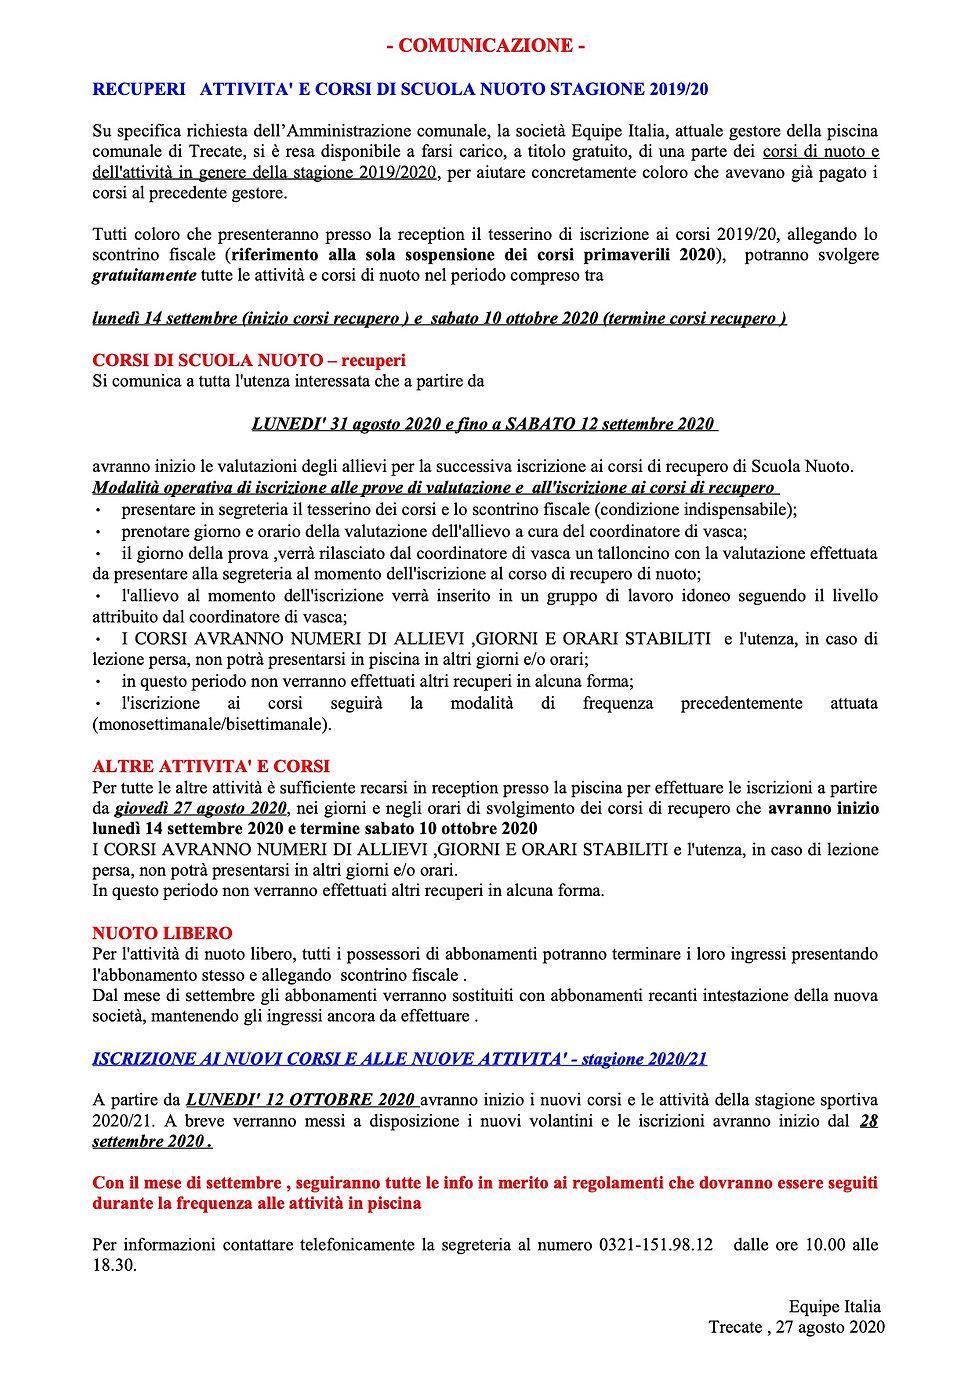 comunicazione utenza - EquipeItalia.jpg